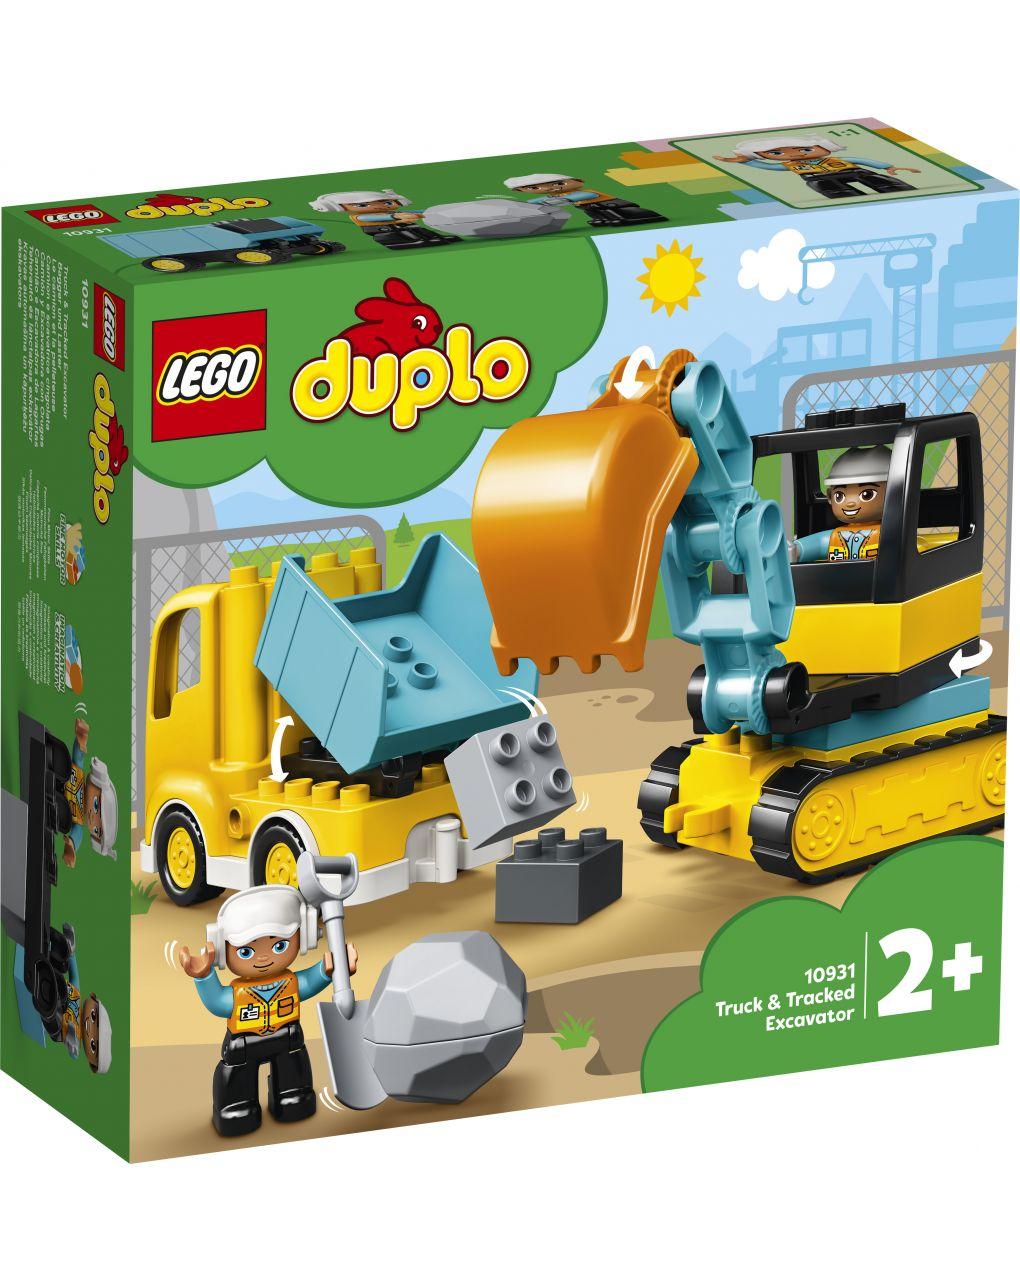 Duplo - escavadeira sobre esteiras e caminhões - 10931 - LEGO Duplo